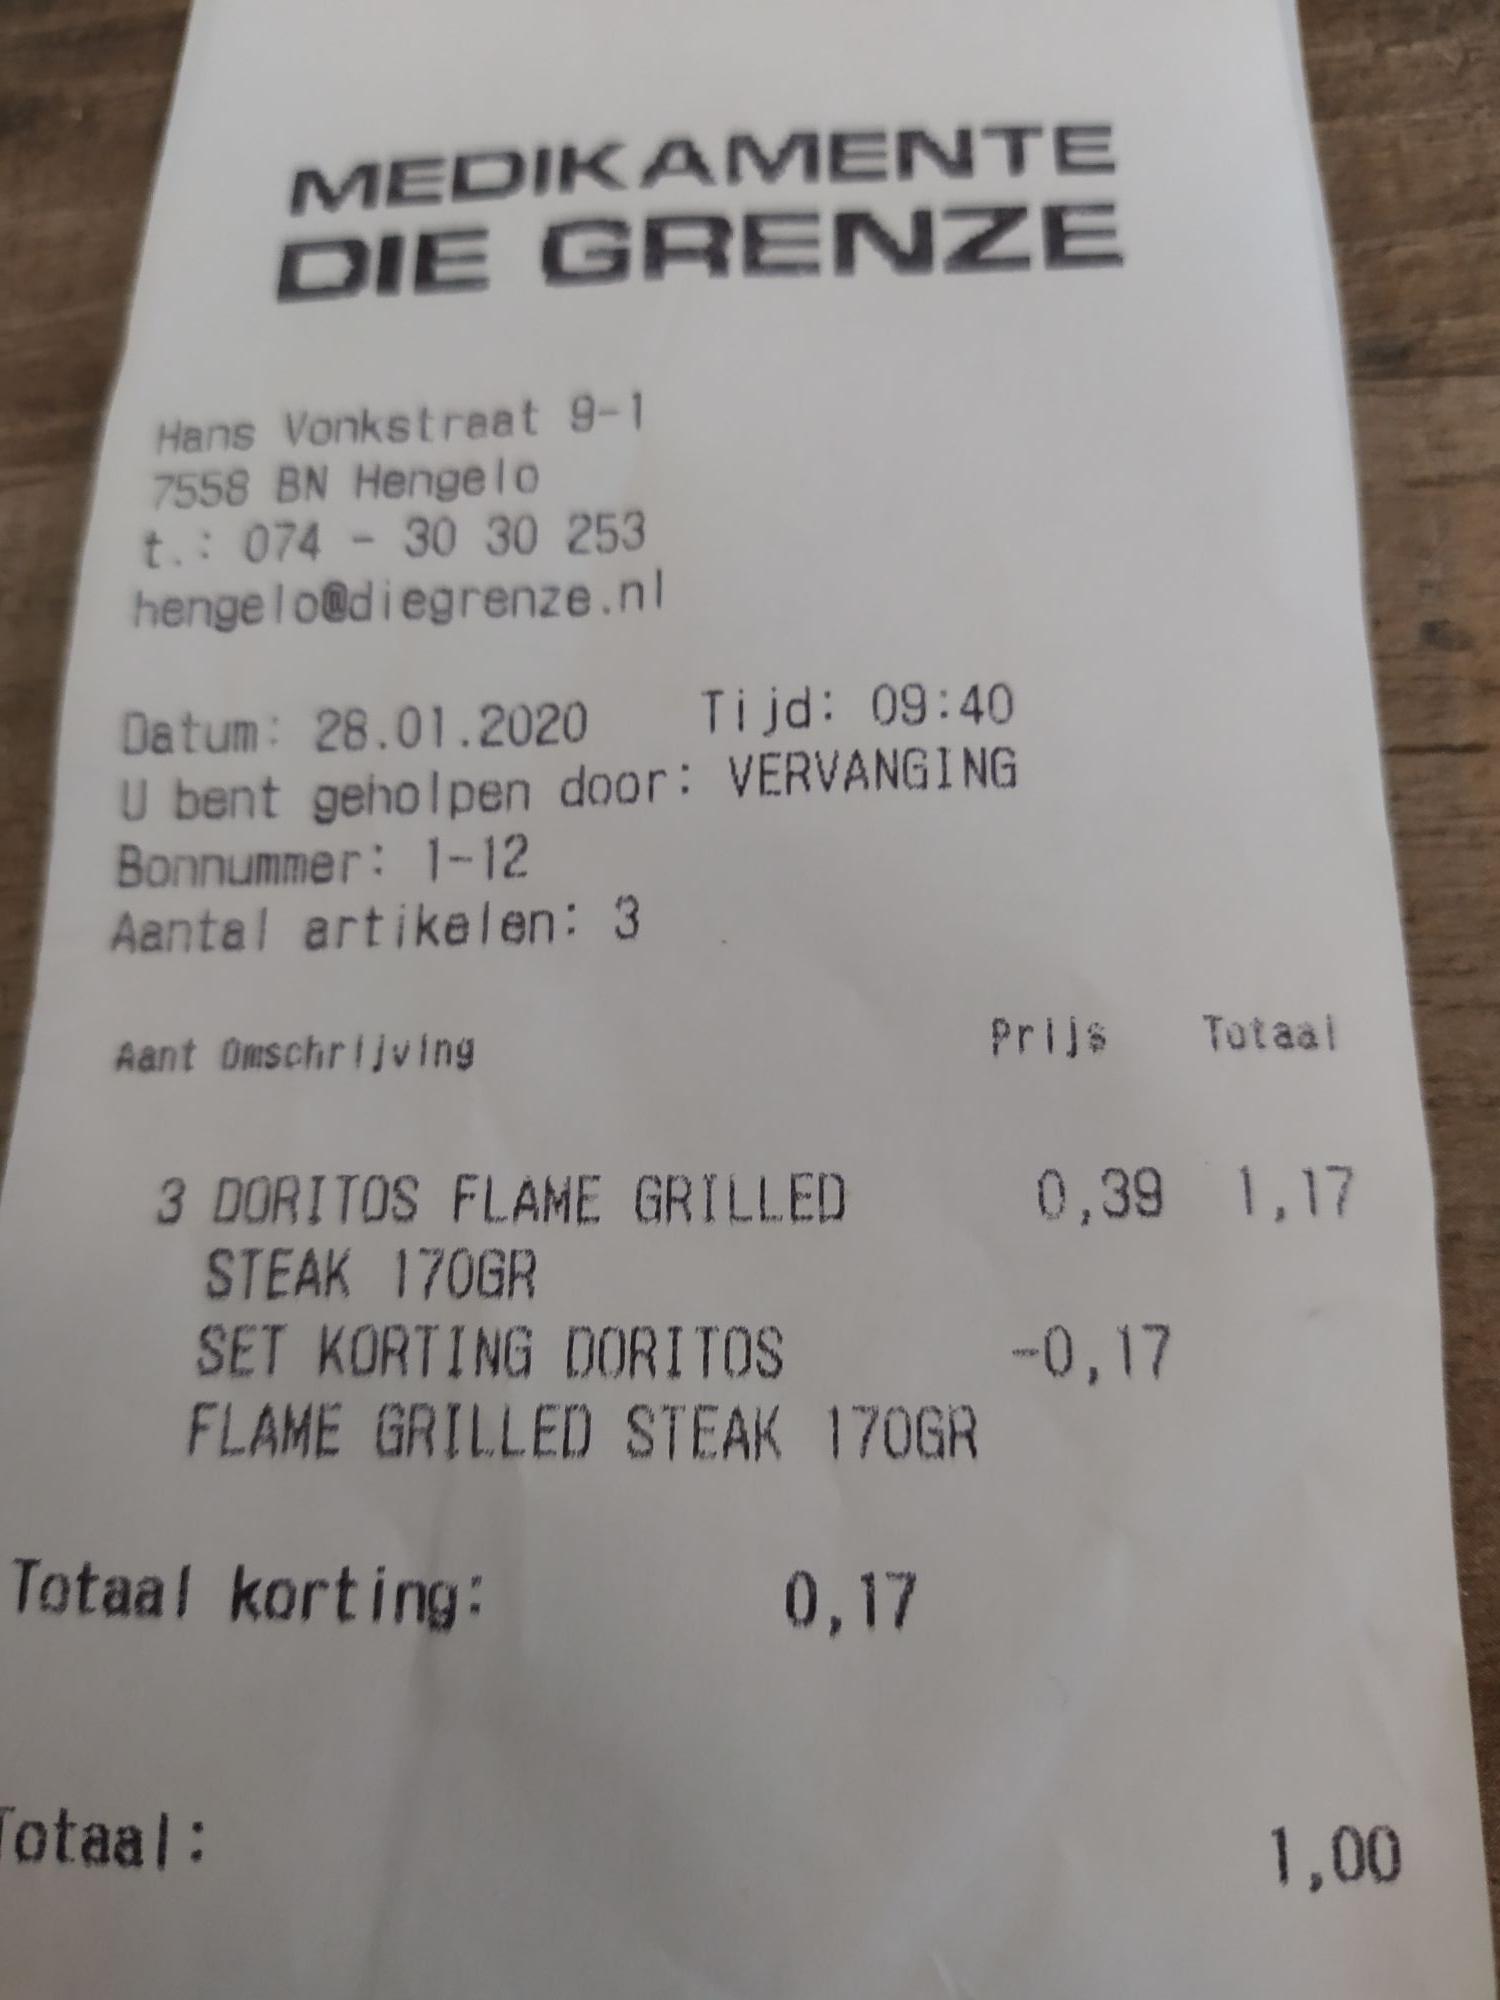 Doritos flame grilled steak 3 zakken voor 1 euro bij die grenze (let op datum)